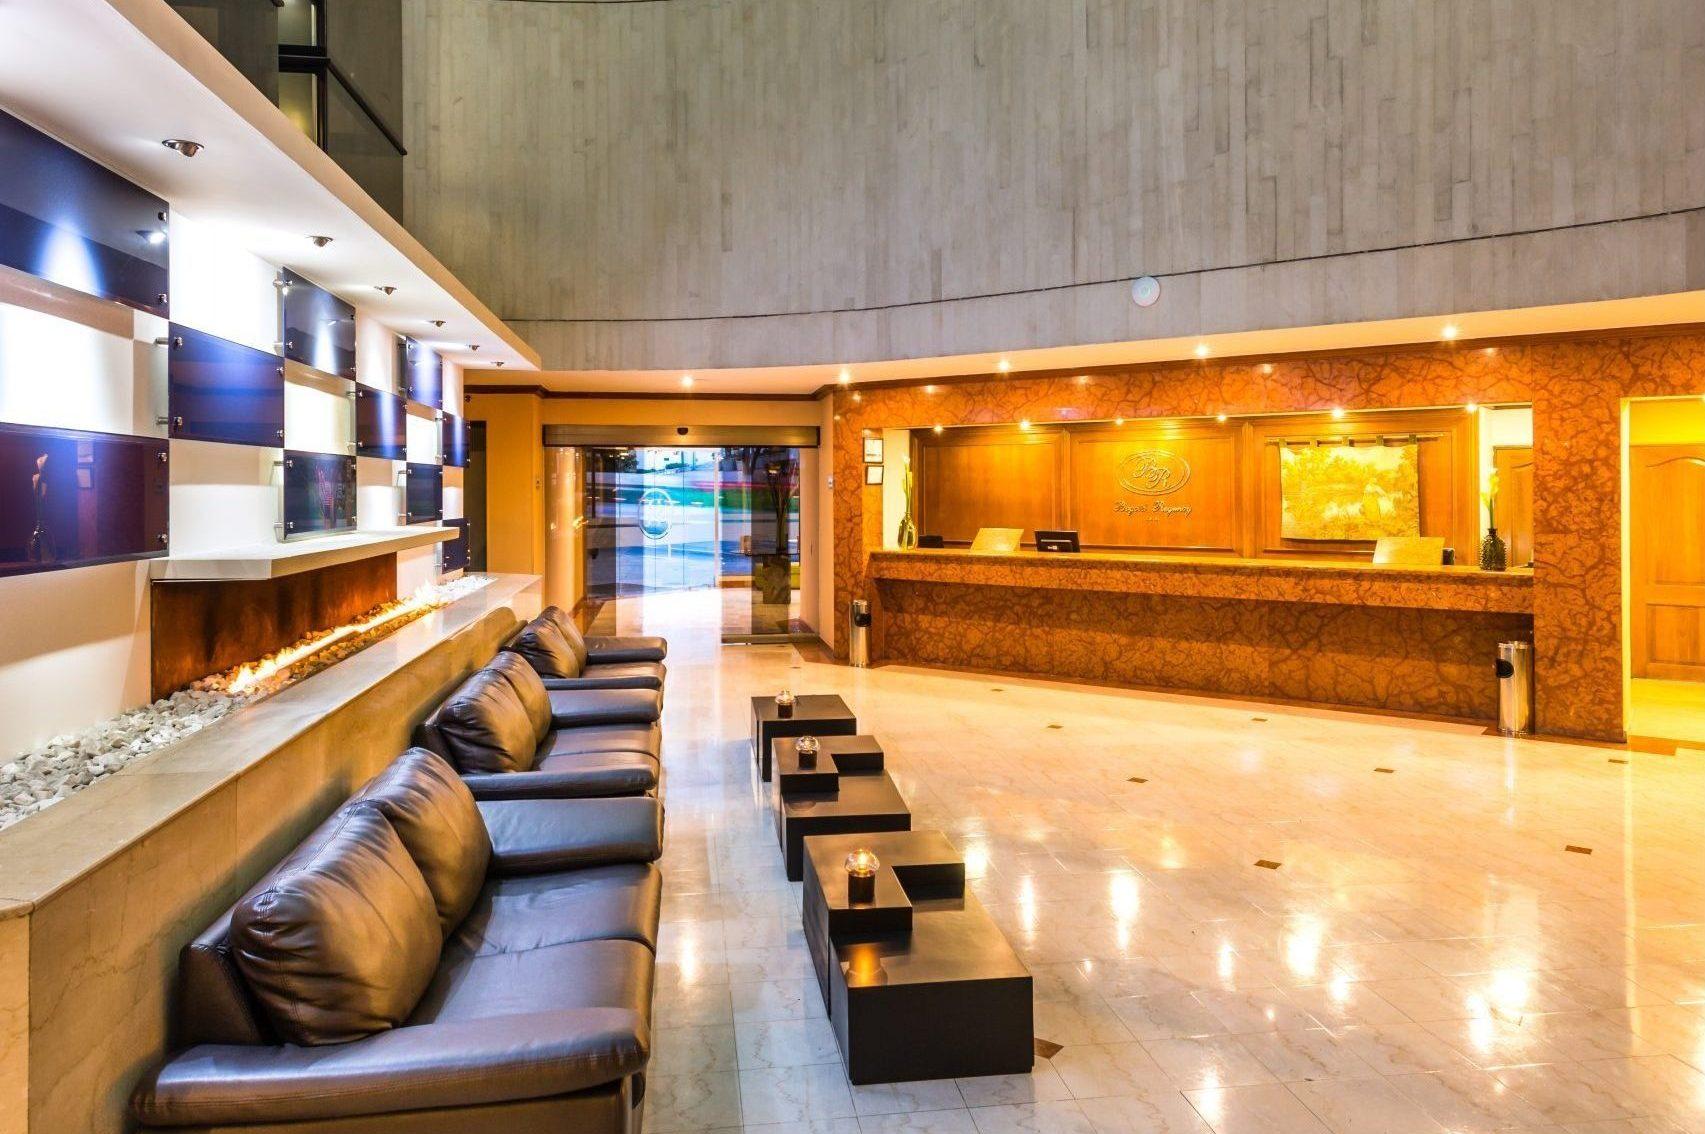 Lobby — Hotel Bogotá Regency, Bogotá, Colombia. Fotografía: Mario Carvajal www.mariocarvajal.com